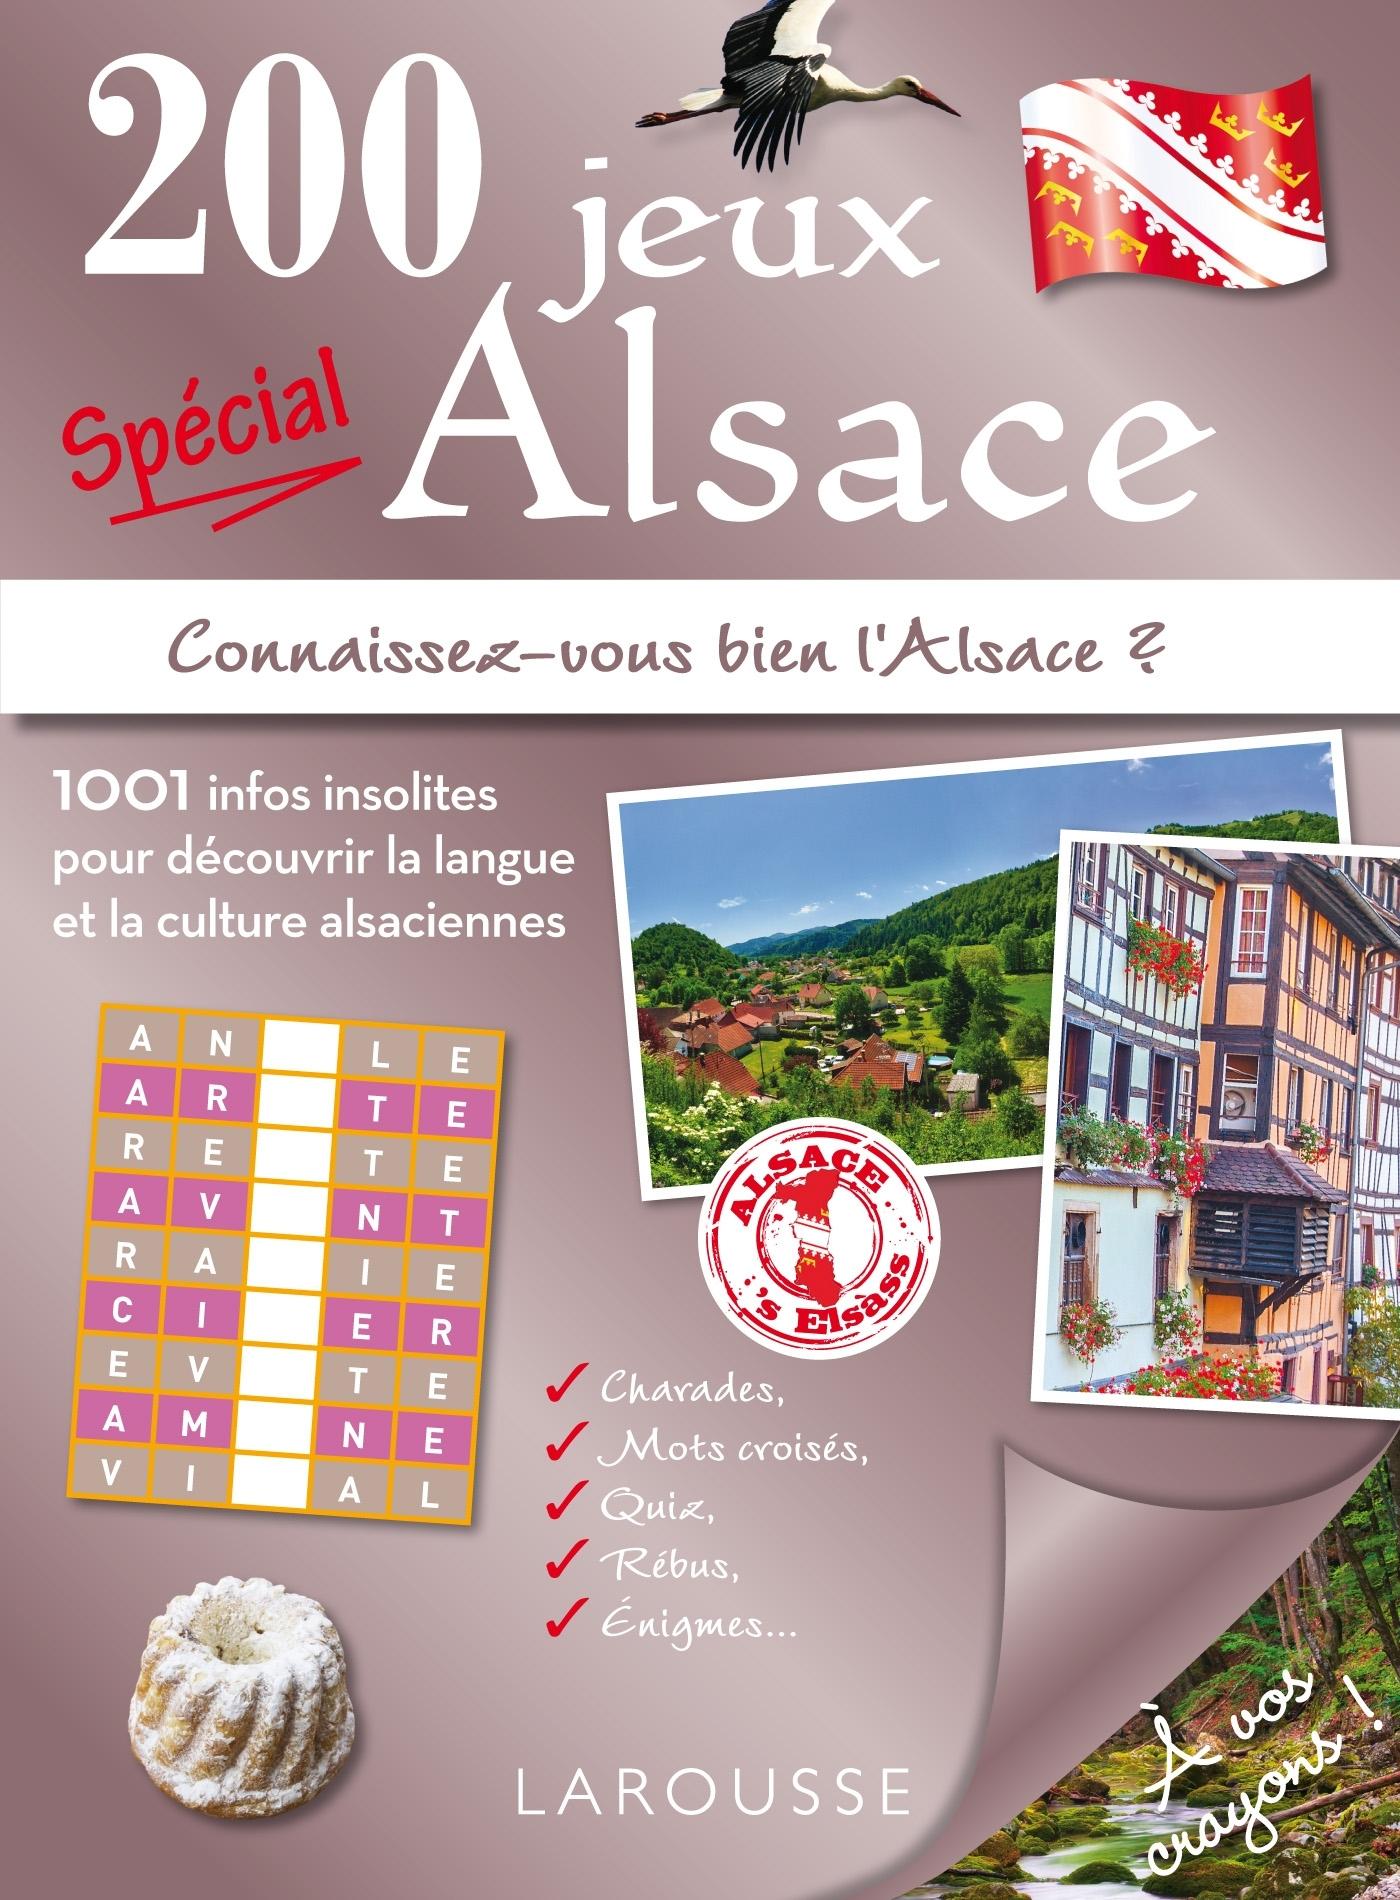 200 JEUX SPECIAL ALSACE